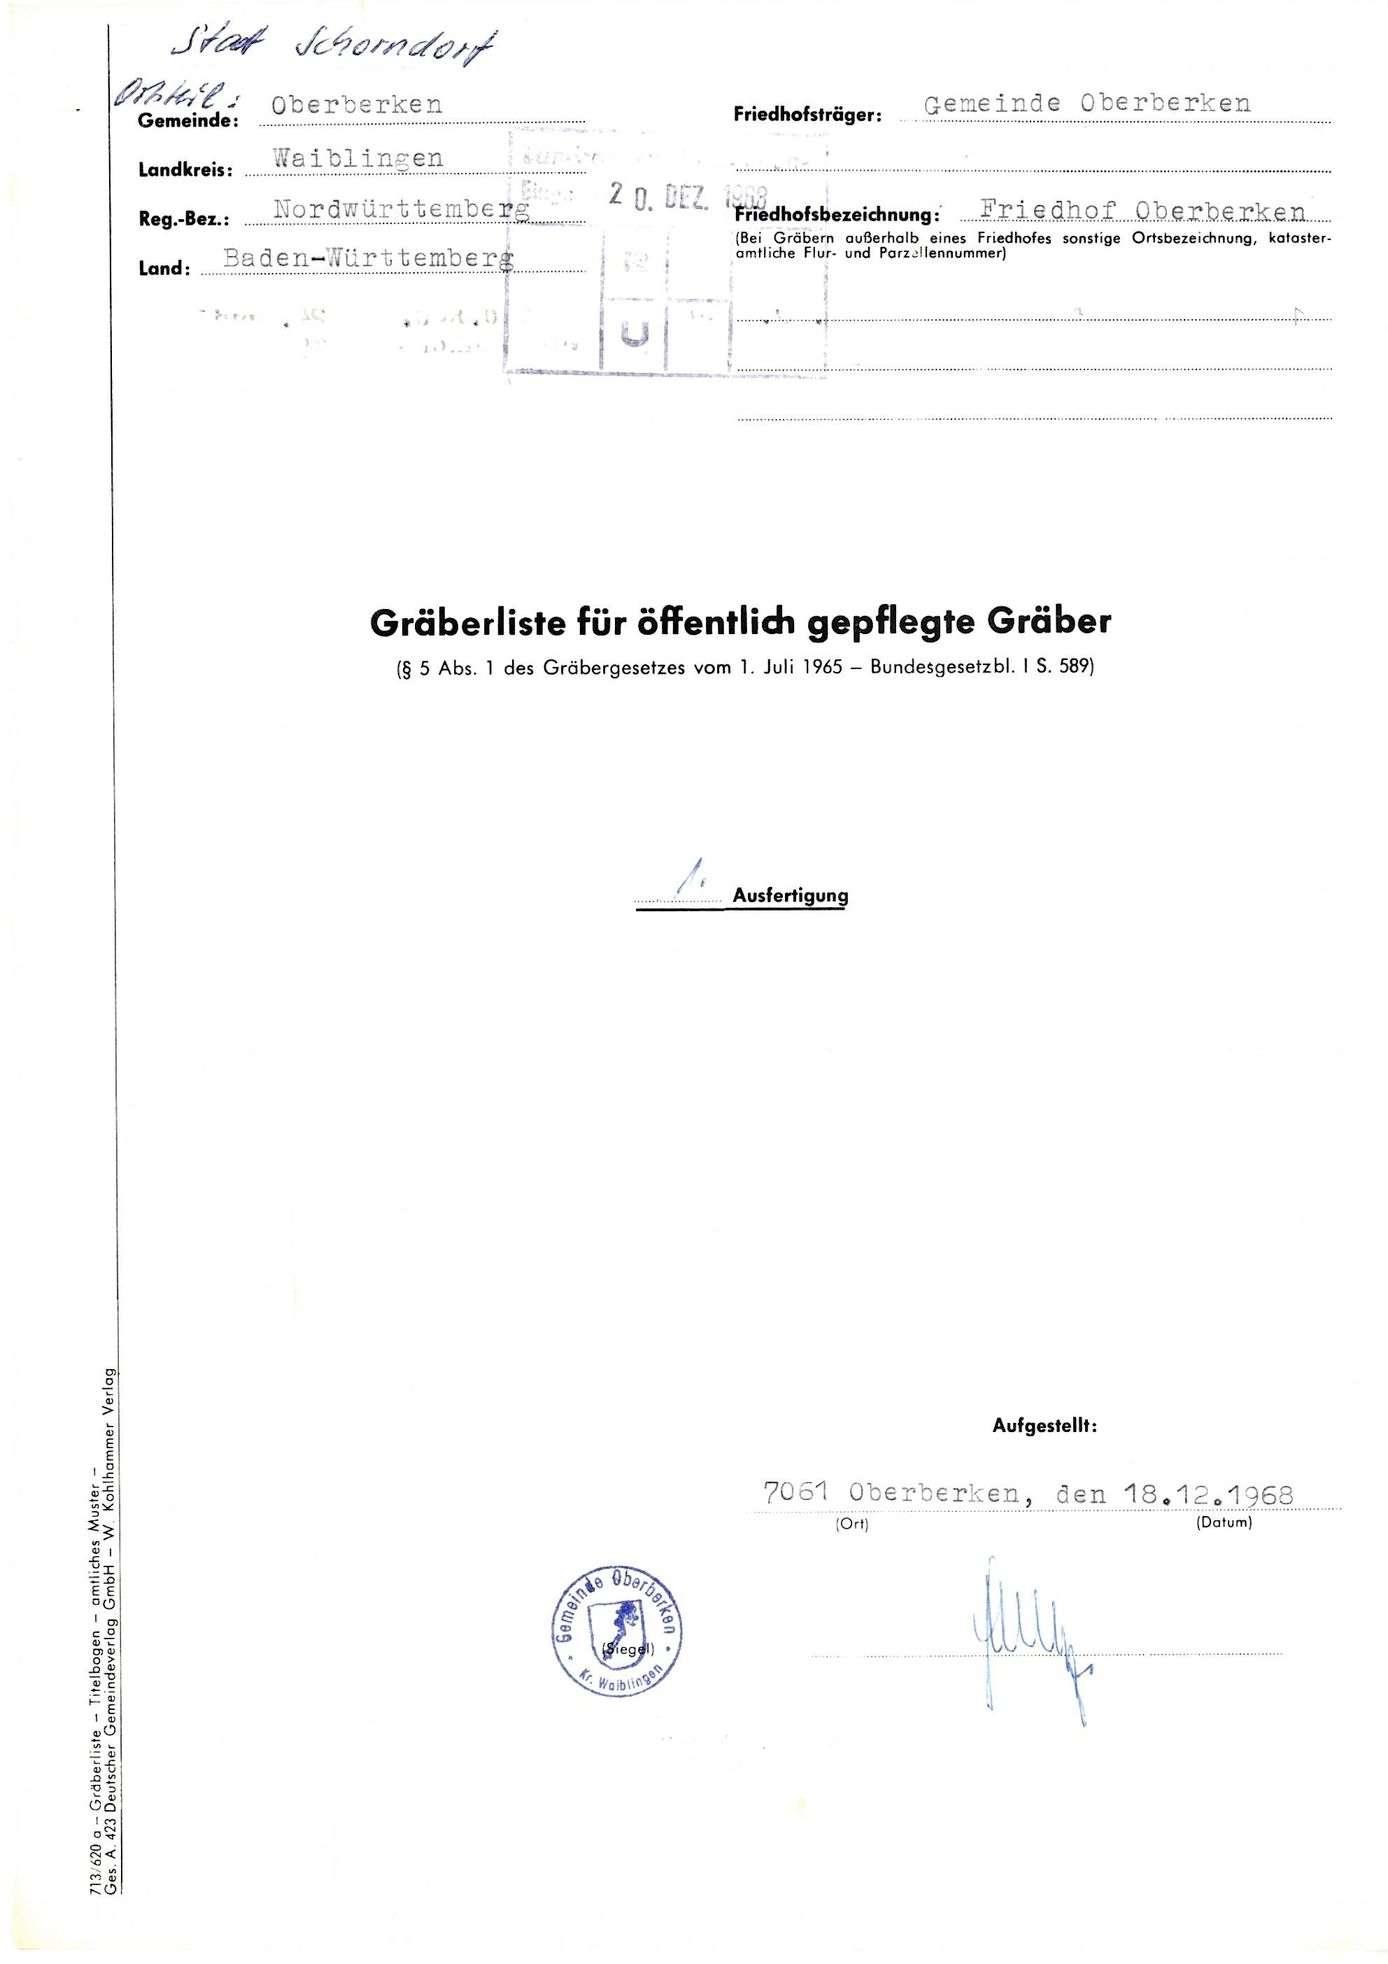 Oberberken, Bild 1